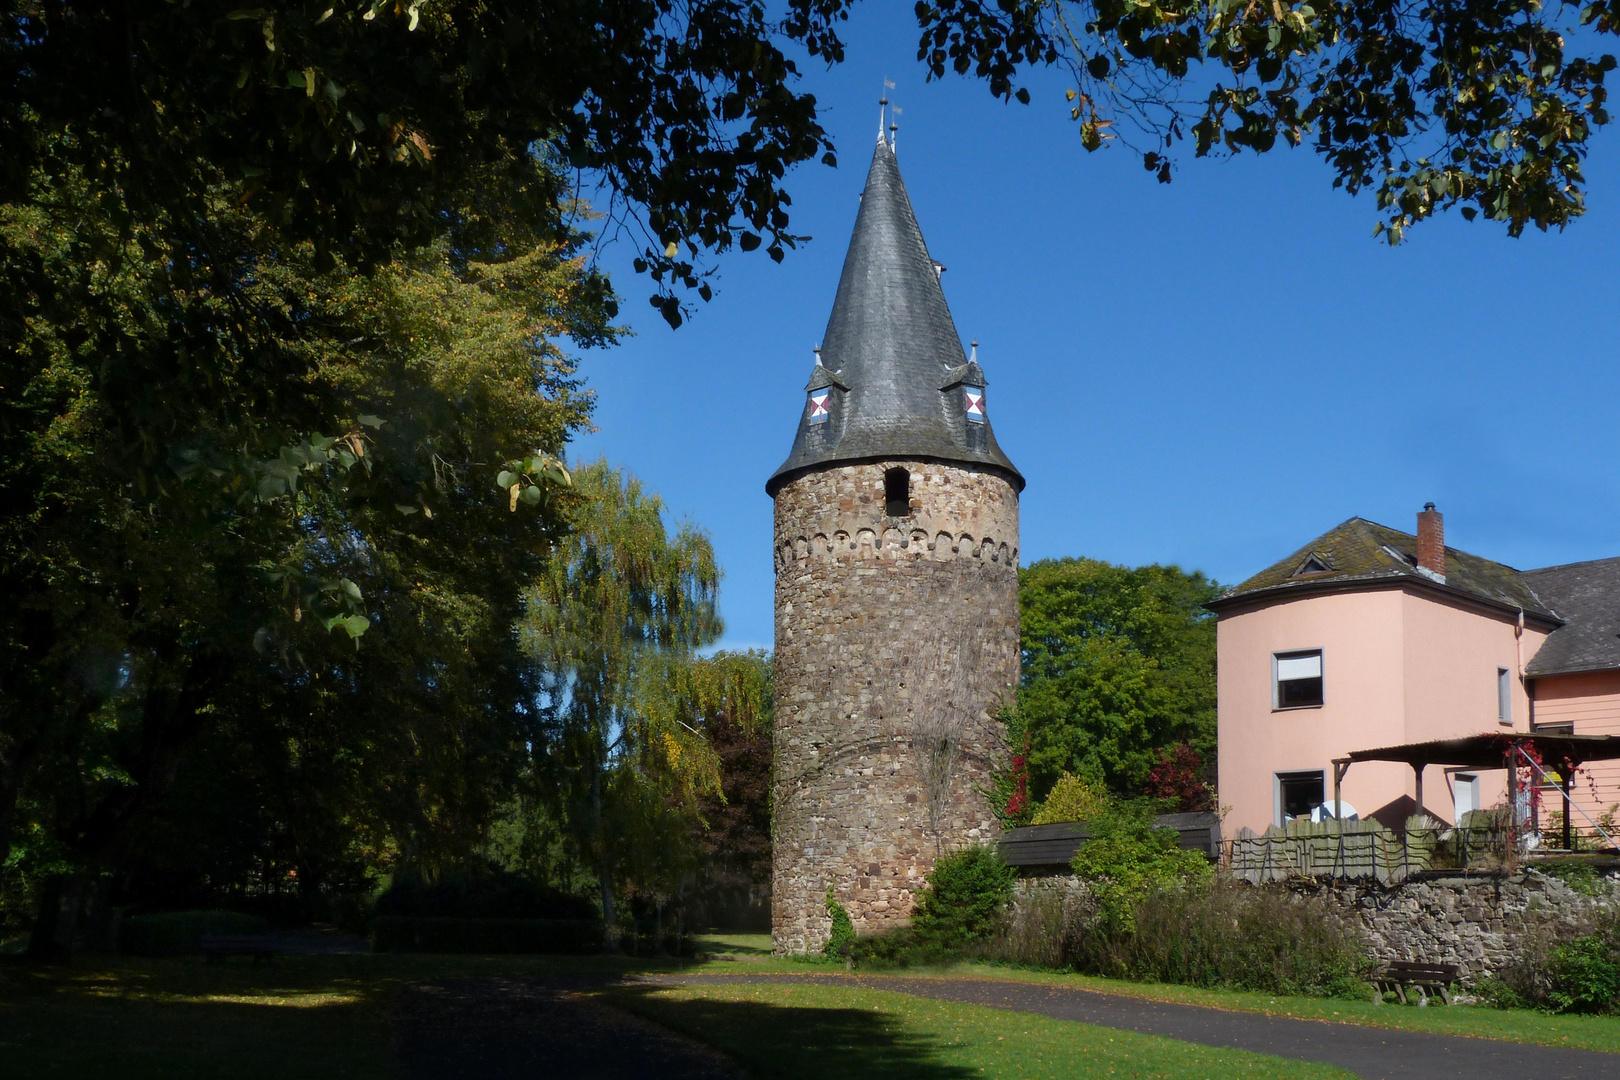 Rundturm der ehem. Stadtbefestigung in Dierdorf / Westerwald